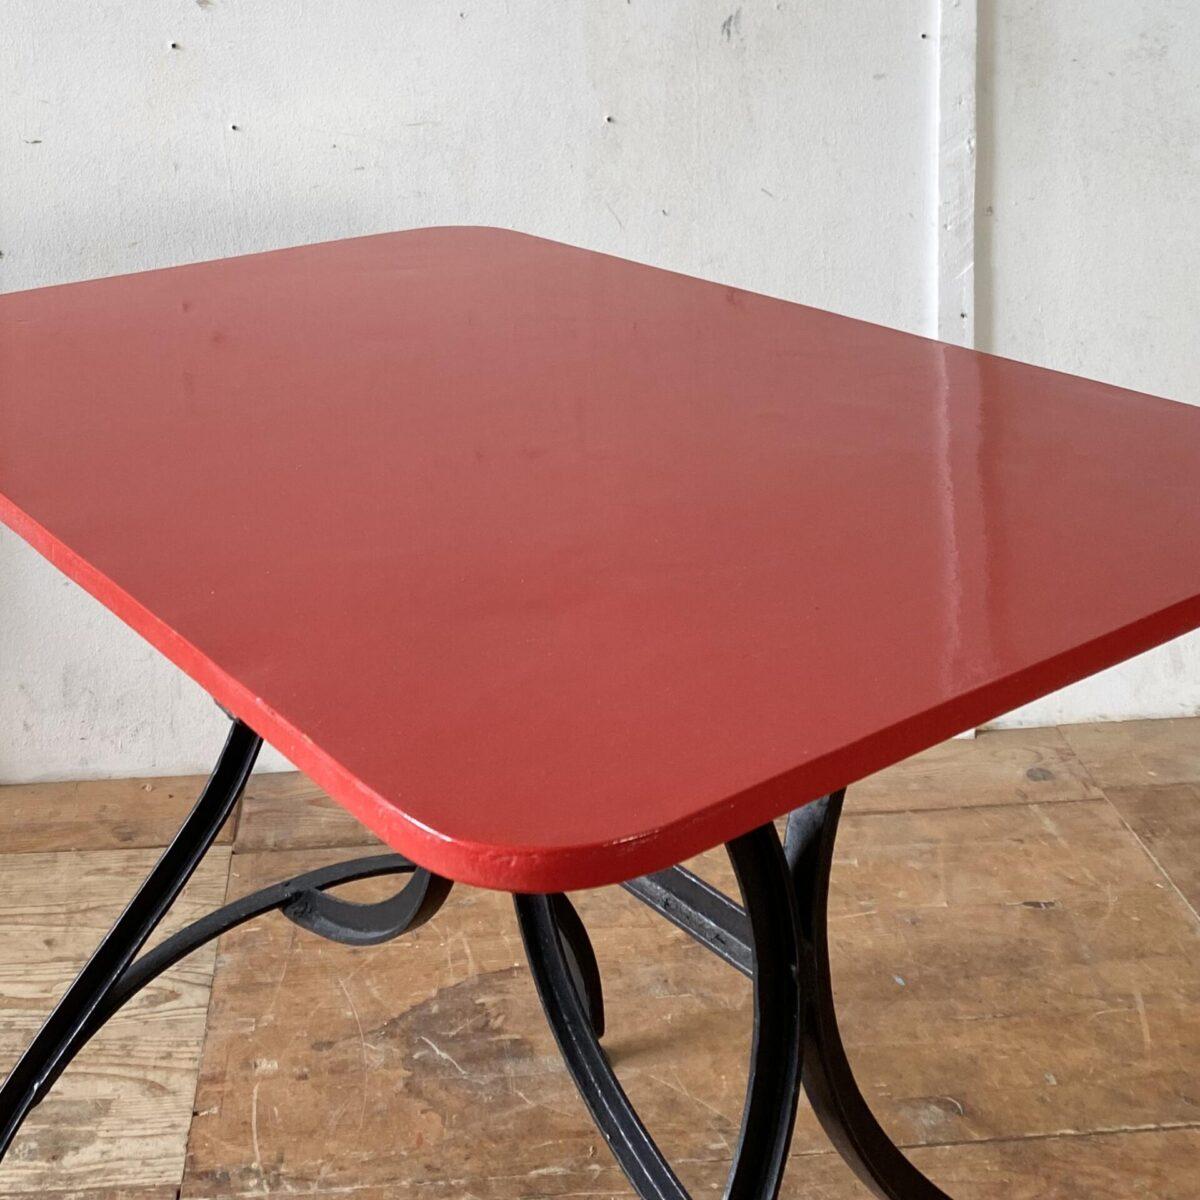 Deuxieme.shop Jugendstil Gartentisch 98x65cm Höhe 75cm. Der Tisch wurde mal restauriert, das Tischblatt ist wesentlich dicker als üblich. Die zwei Gartenstühle, klappbar, sind ebenfalls verfügbar, 55.- pro Stuhl. Das Holz ist in gesundem Zustand, die Farbe etwas am abblättern, gemäss Fotos.